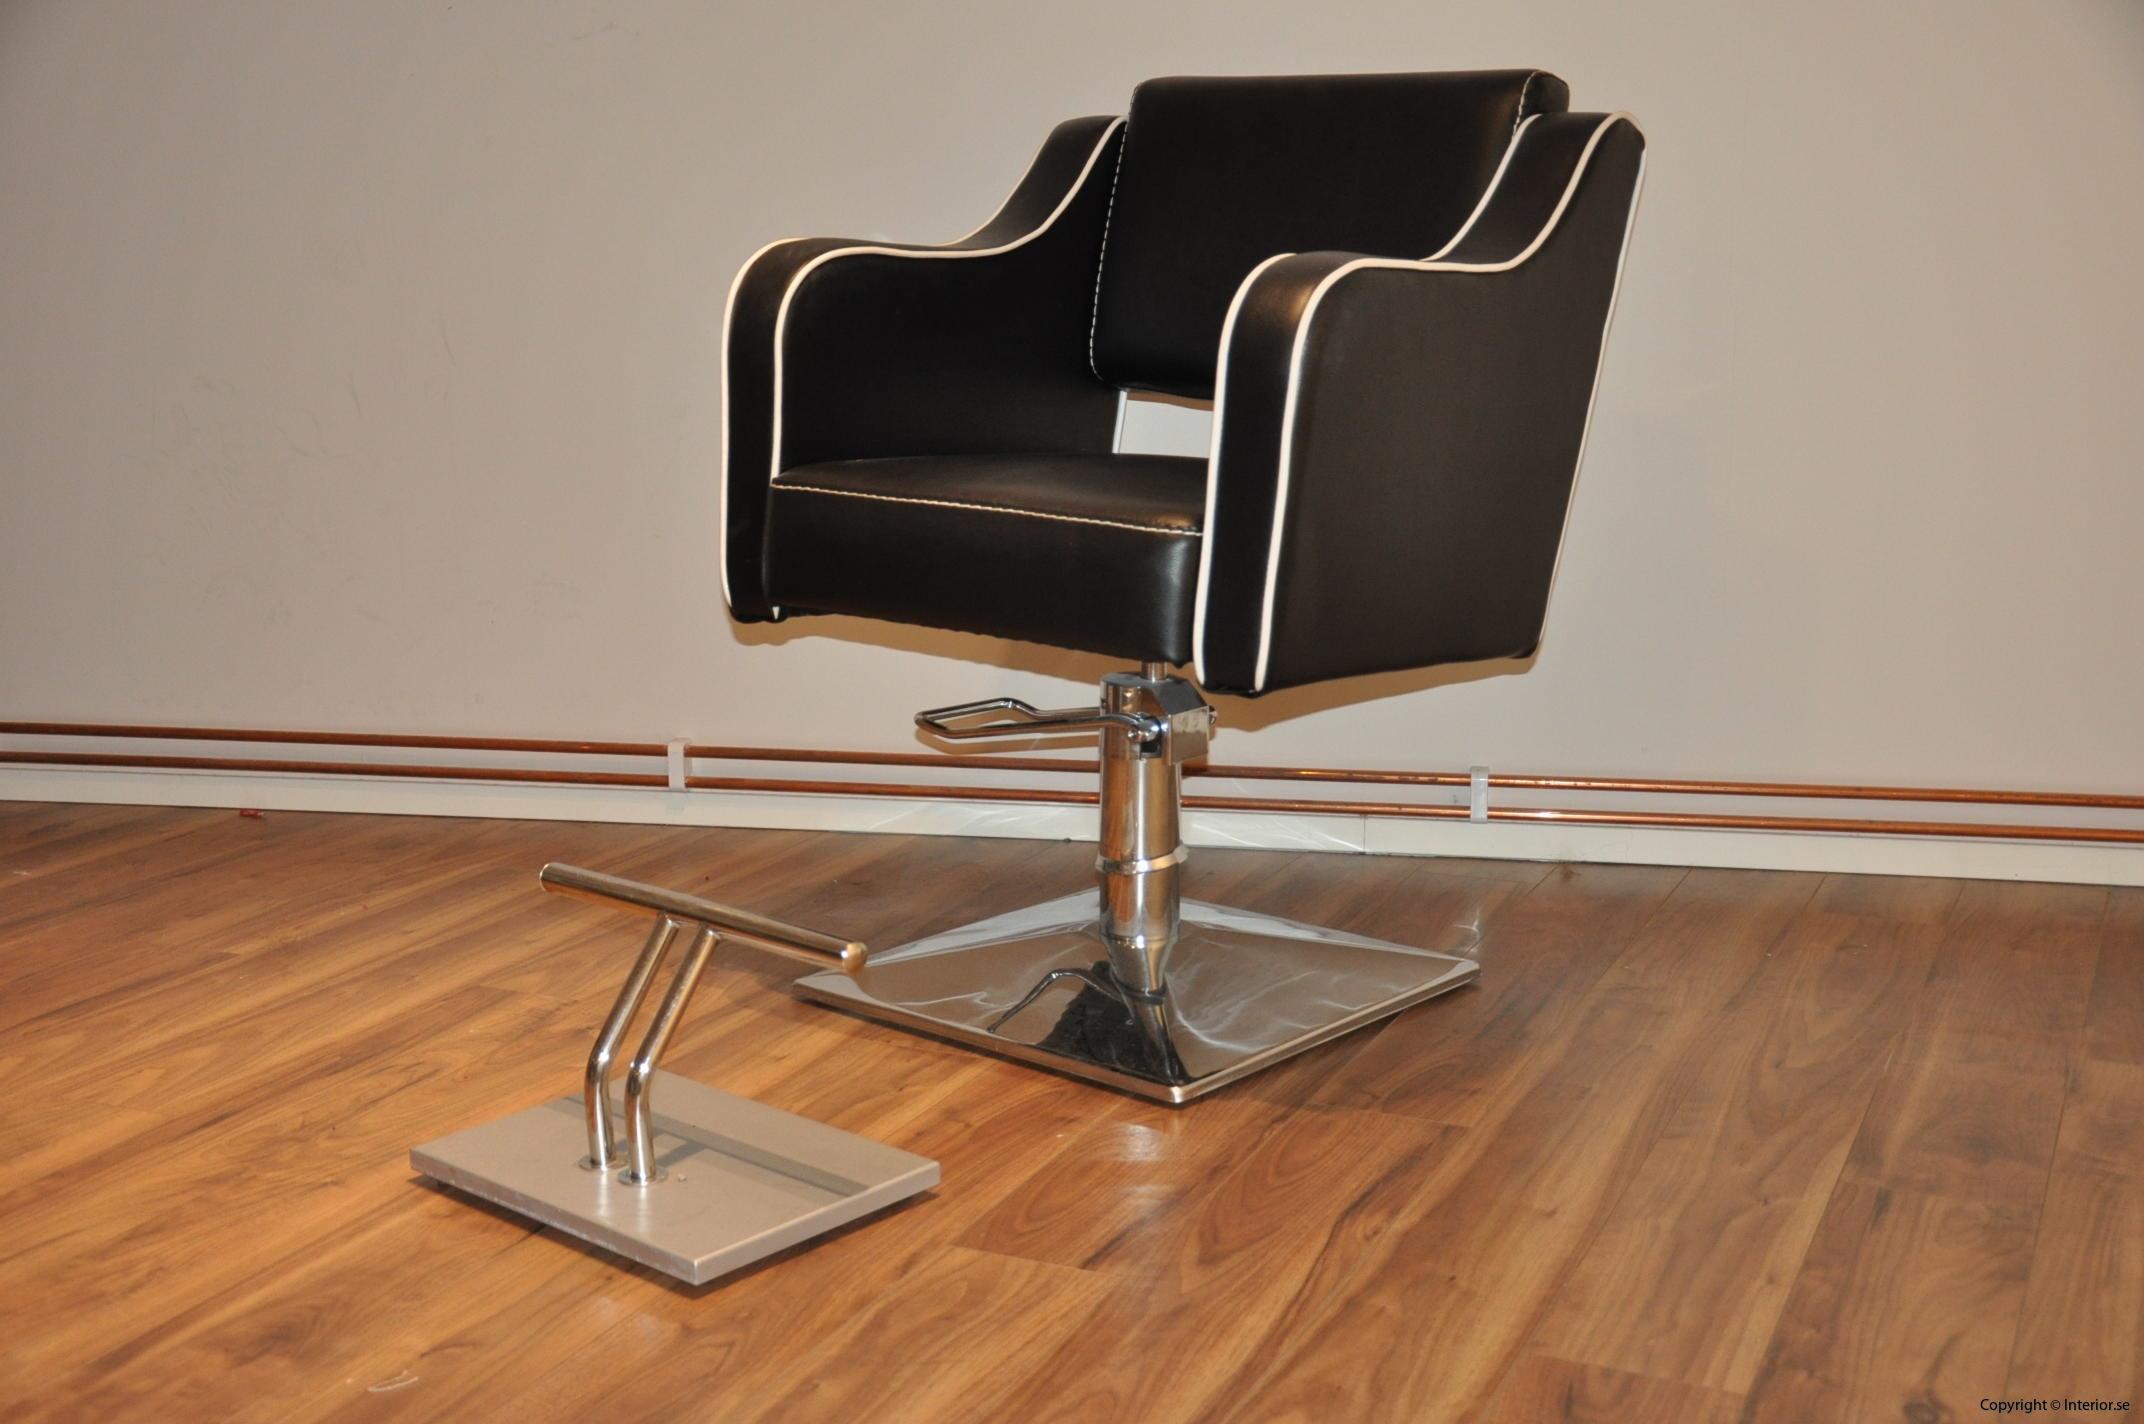 frisörstol friserstol salong stol möbler (2)